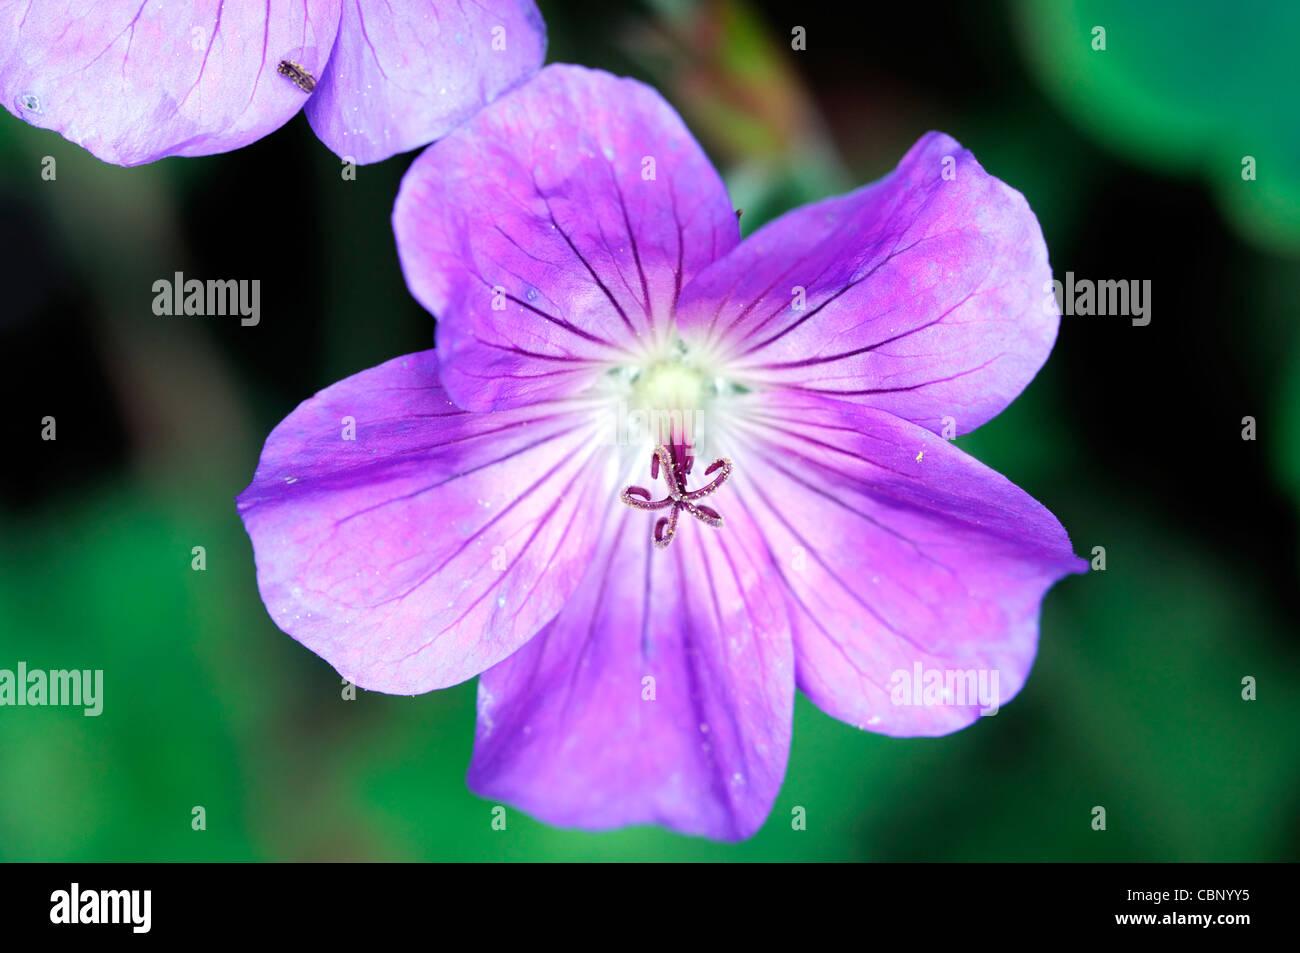 Rozanne cranesbill geranium jolly abeja flores flores flores perennes azul púrpura closeup cerrar Imagen De Stock